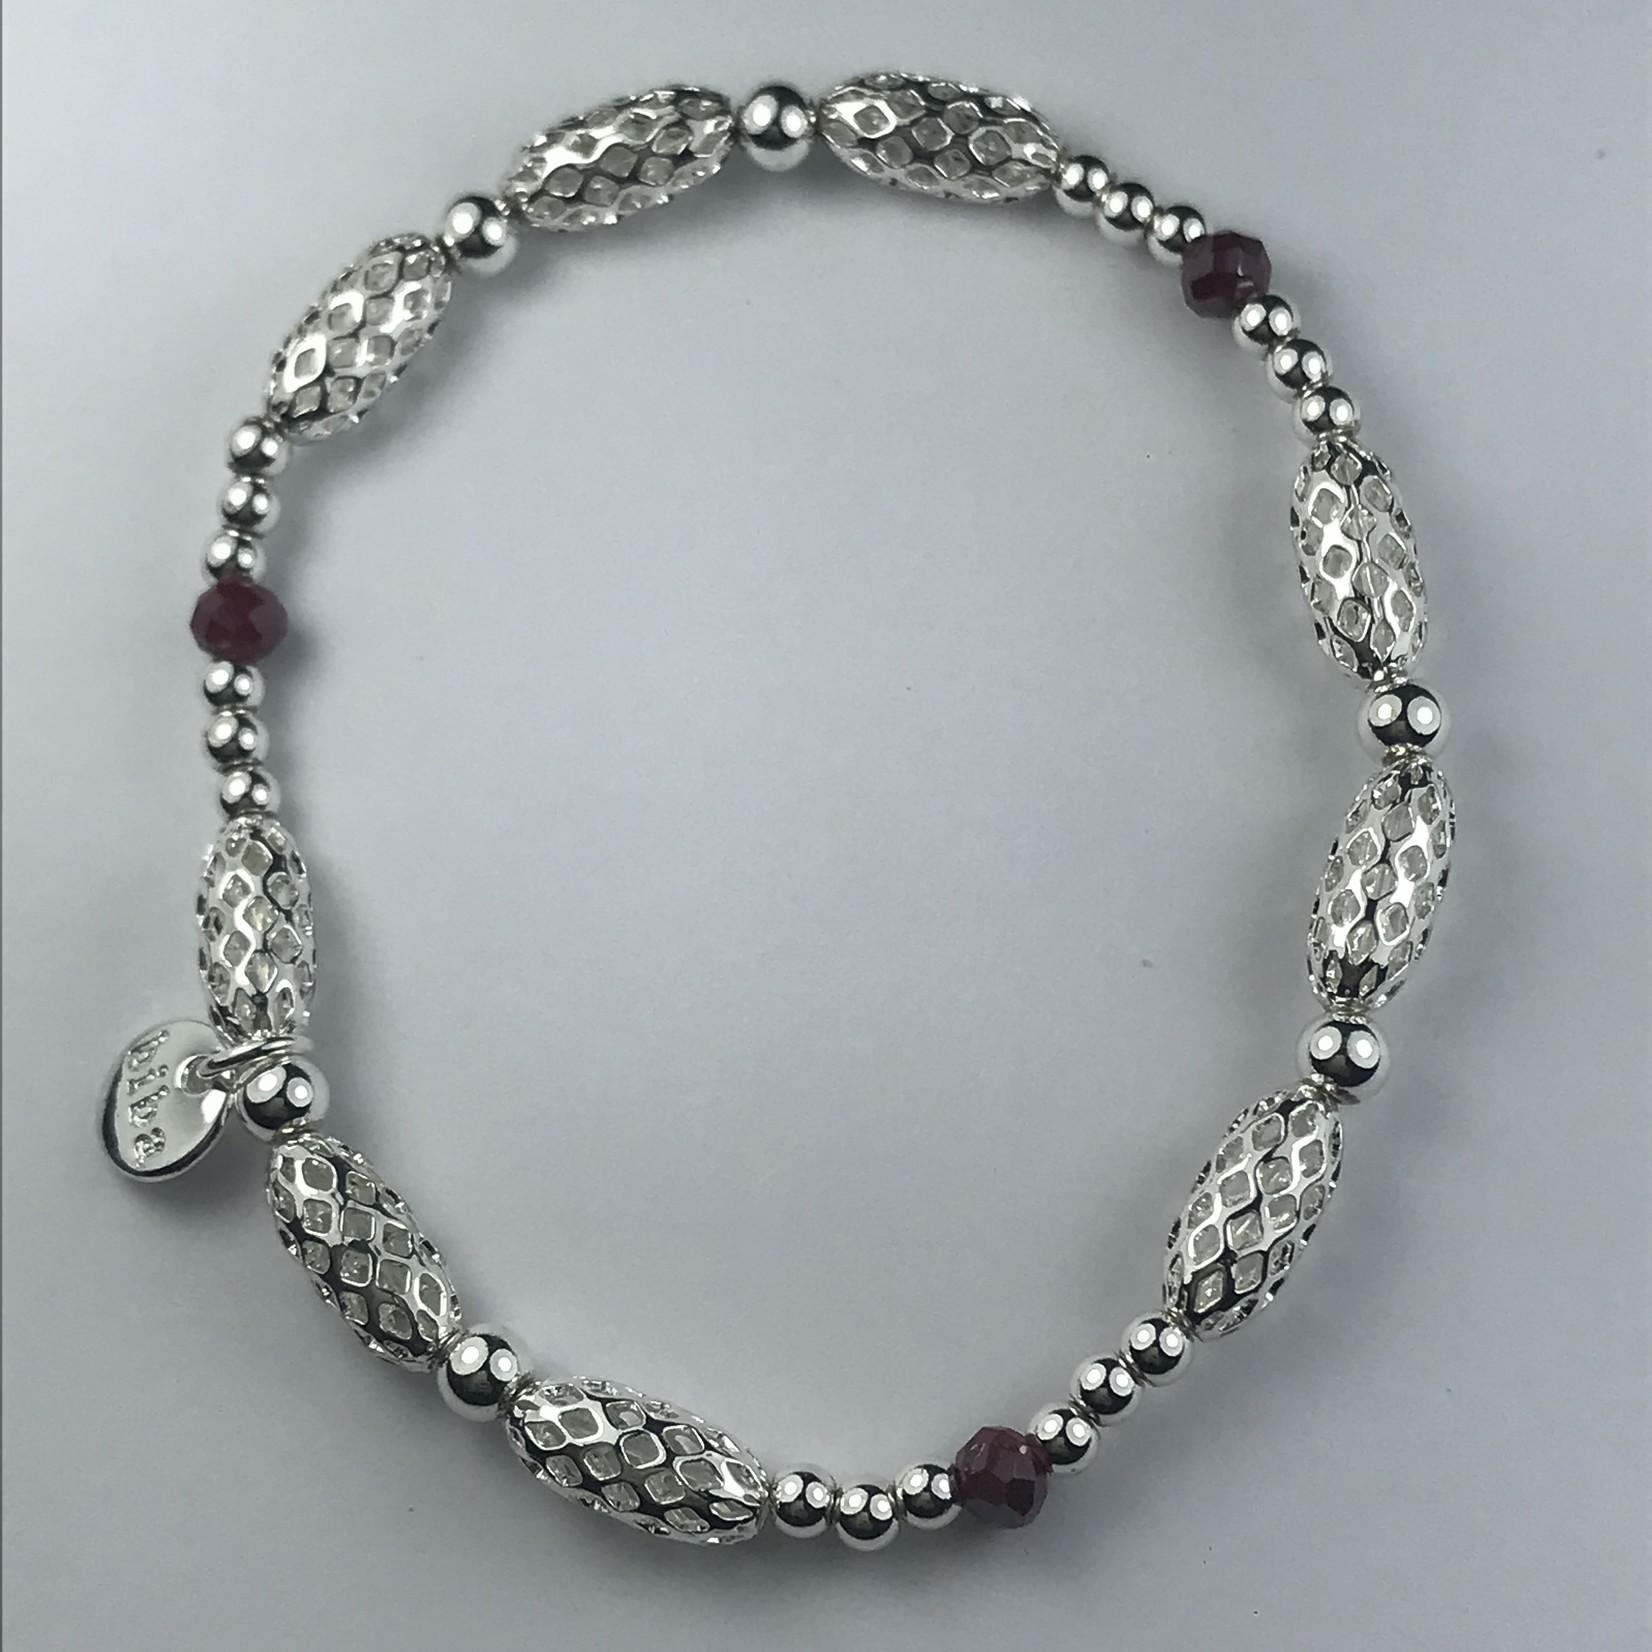 Biba armband zilverkleurige  fijne schakels met bordeaux bolletje